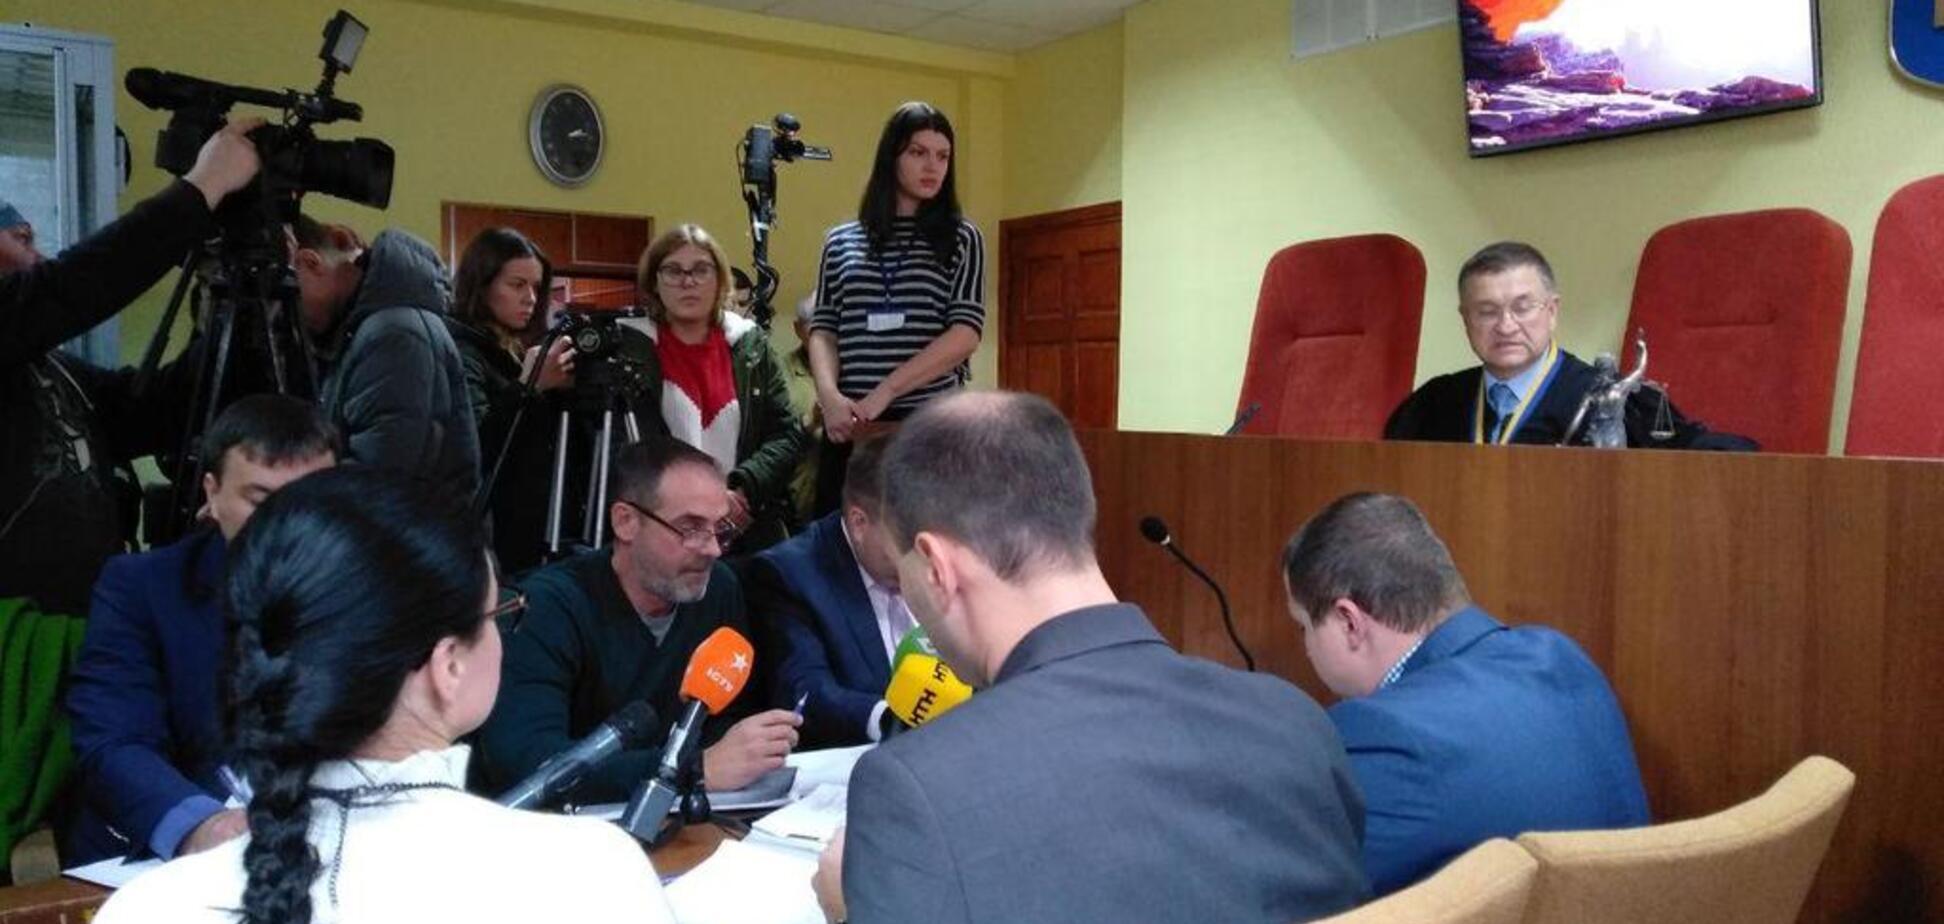 ДТП у Харкові: суд ухвалив нове рішення у справі Зайцевої і Дронова